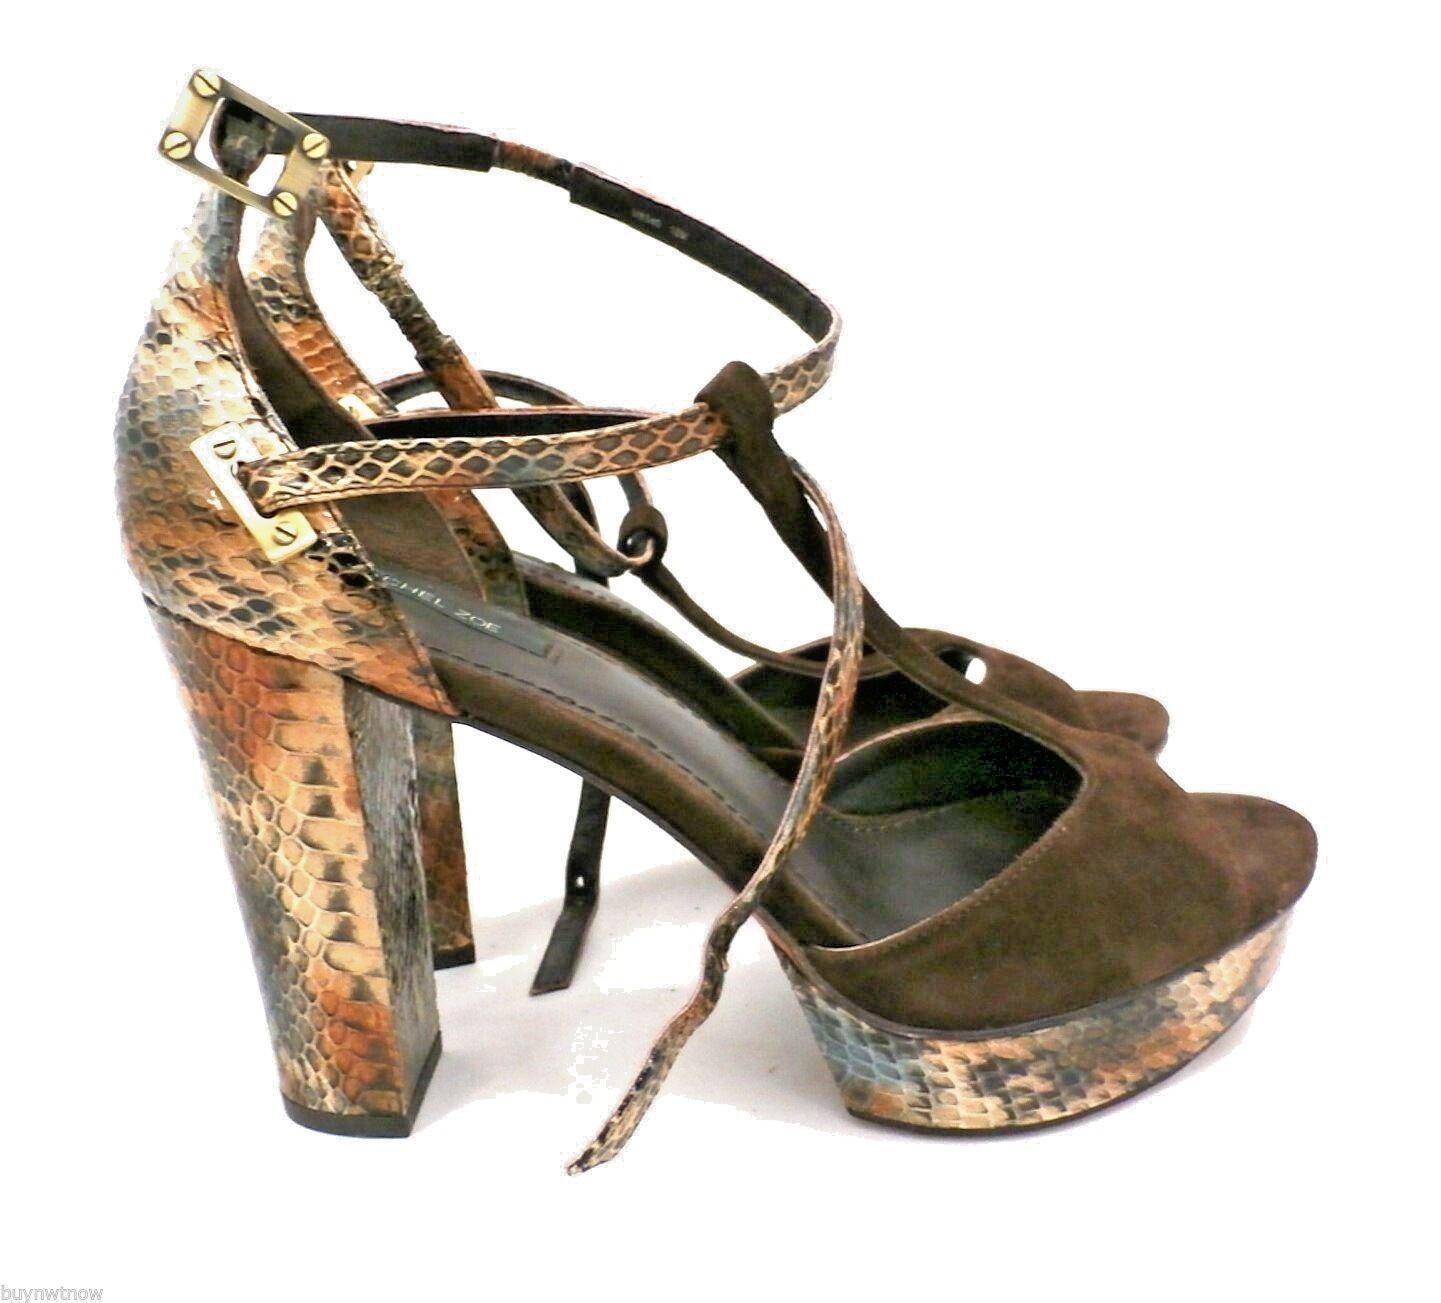 economico Rachel Rachel Rachel Zoe Paloma Snakeskin Suede Platform T Strap Sandals  295 NWOB Sz 10 B M  si affrettò a vedere